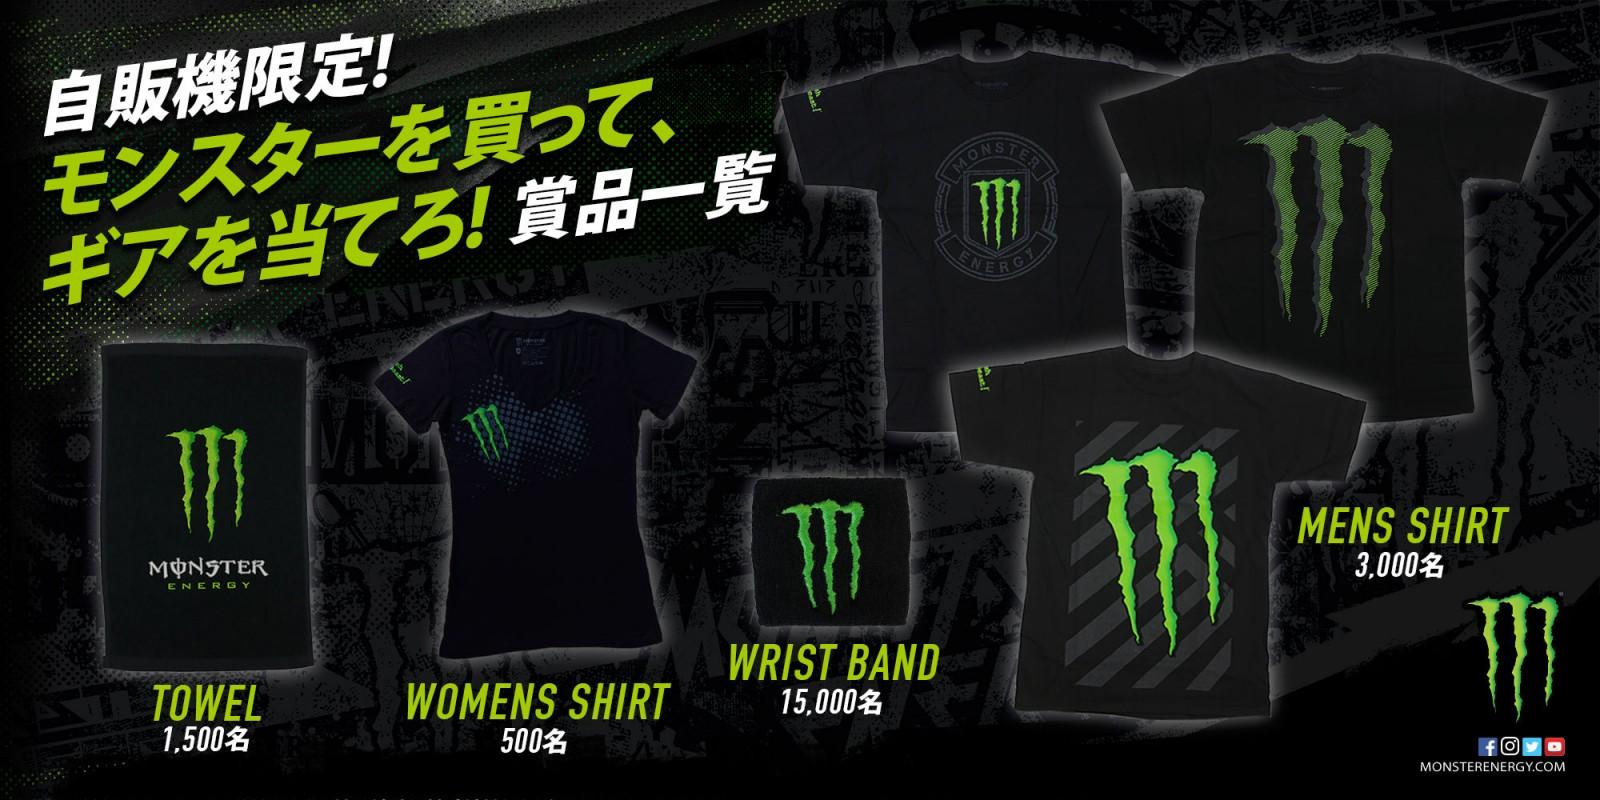 Prize image for Japan Vending Gear Promotion 2017